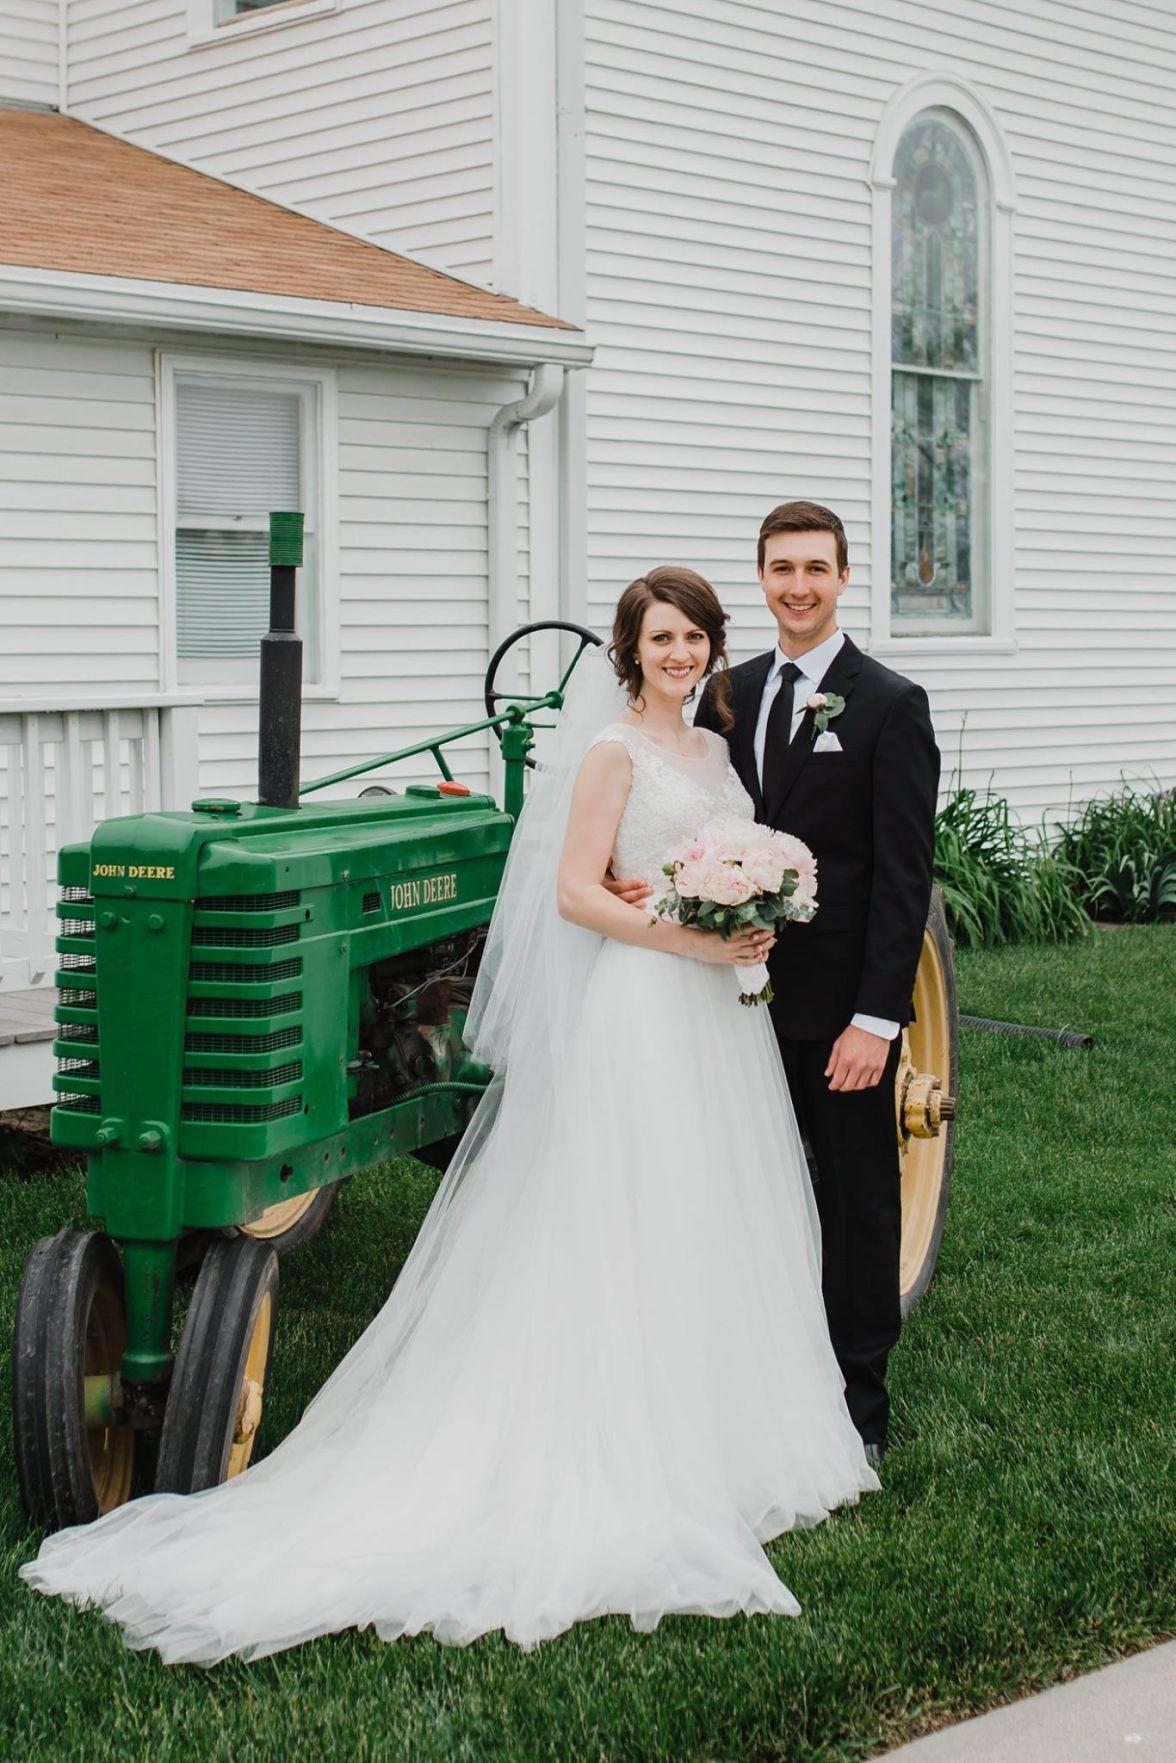 Mairin Wolfe weds Joshua Wehrbein